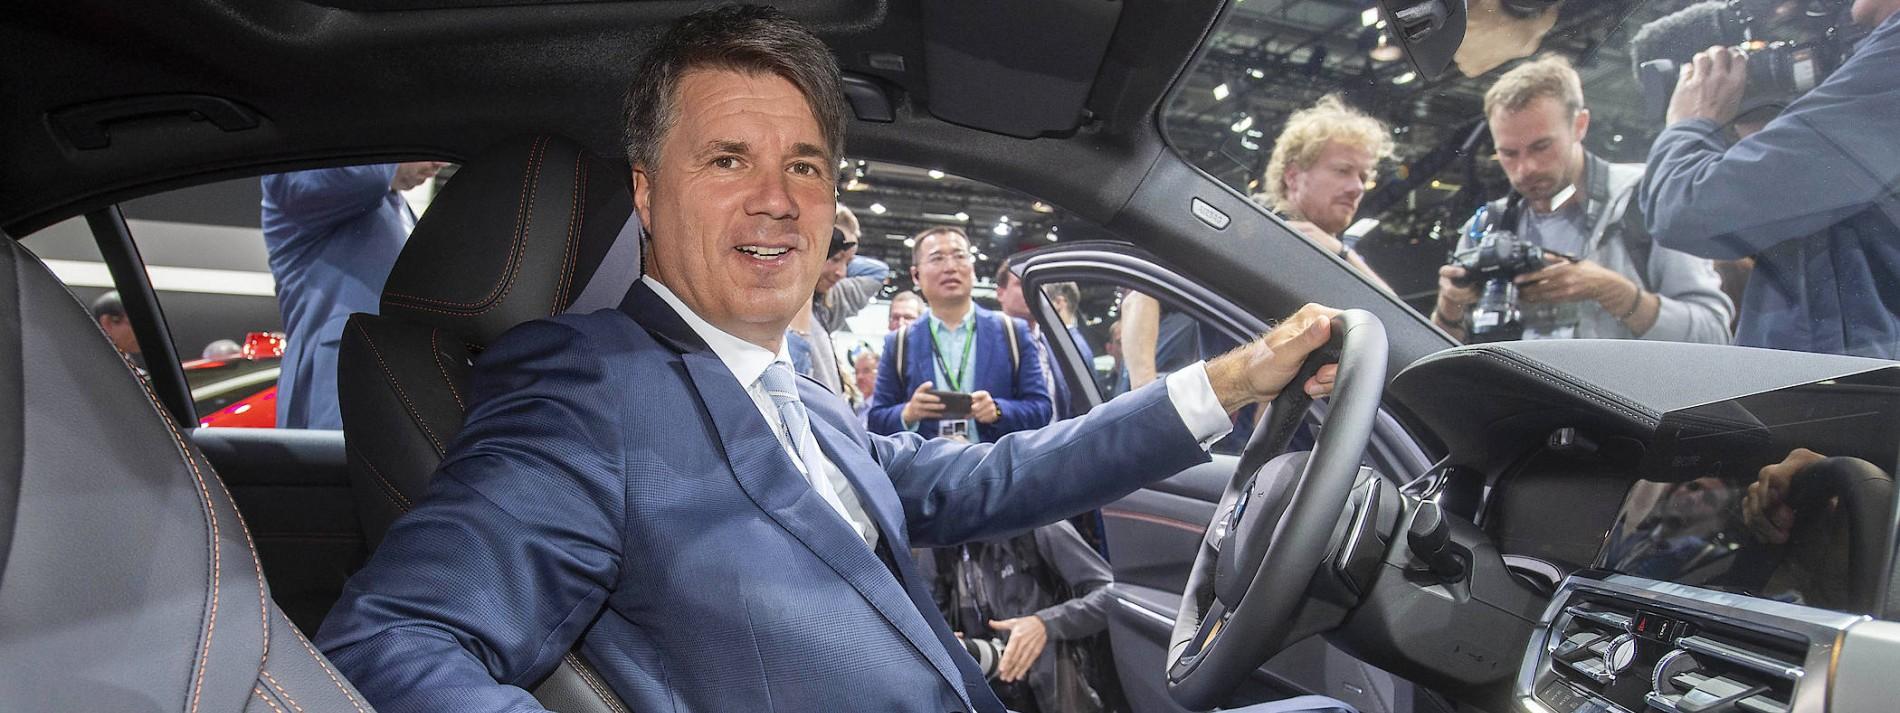 faz.net - Henning Peitsmeier, München - Autoindustrie: BMW spart komfortabel